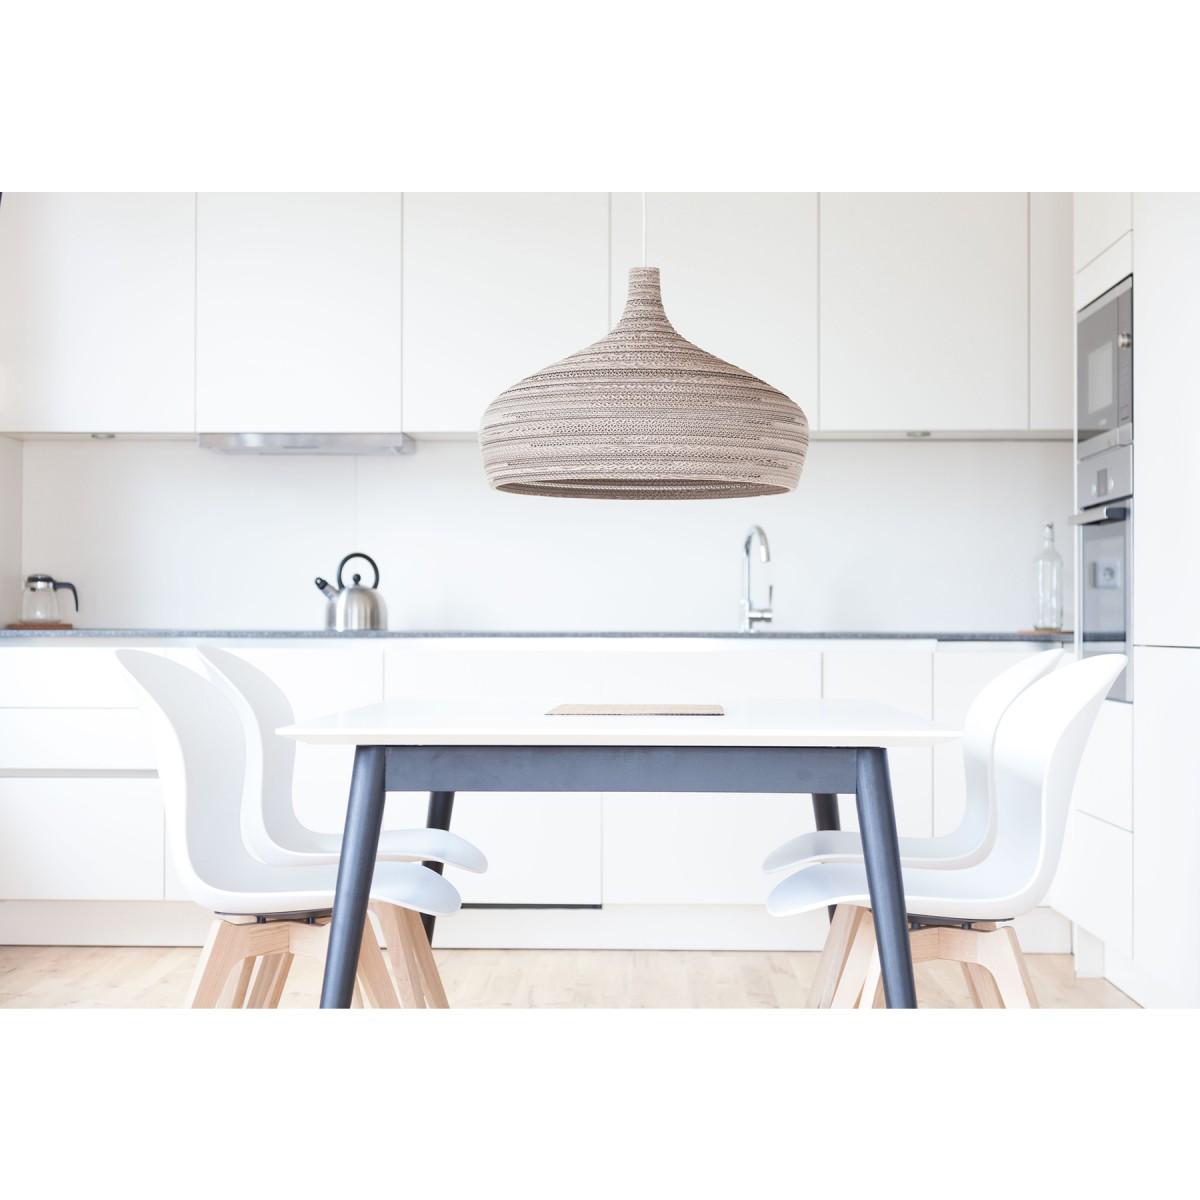 Cardboard lampshade, n6 - Hängelampe